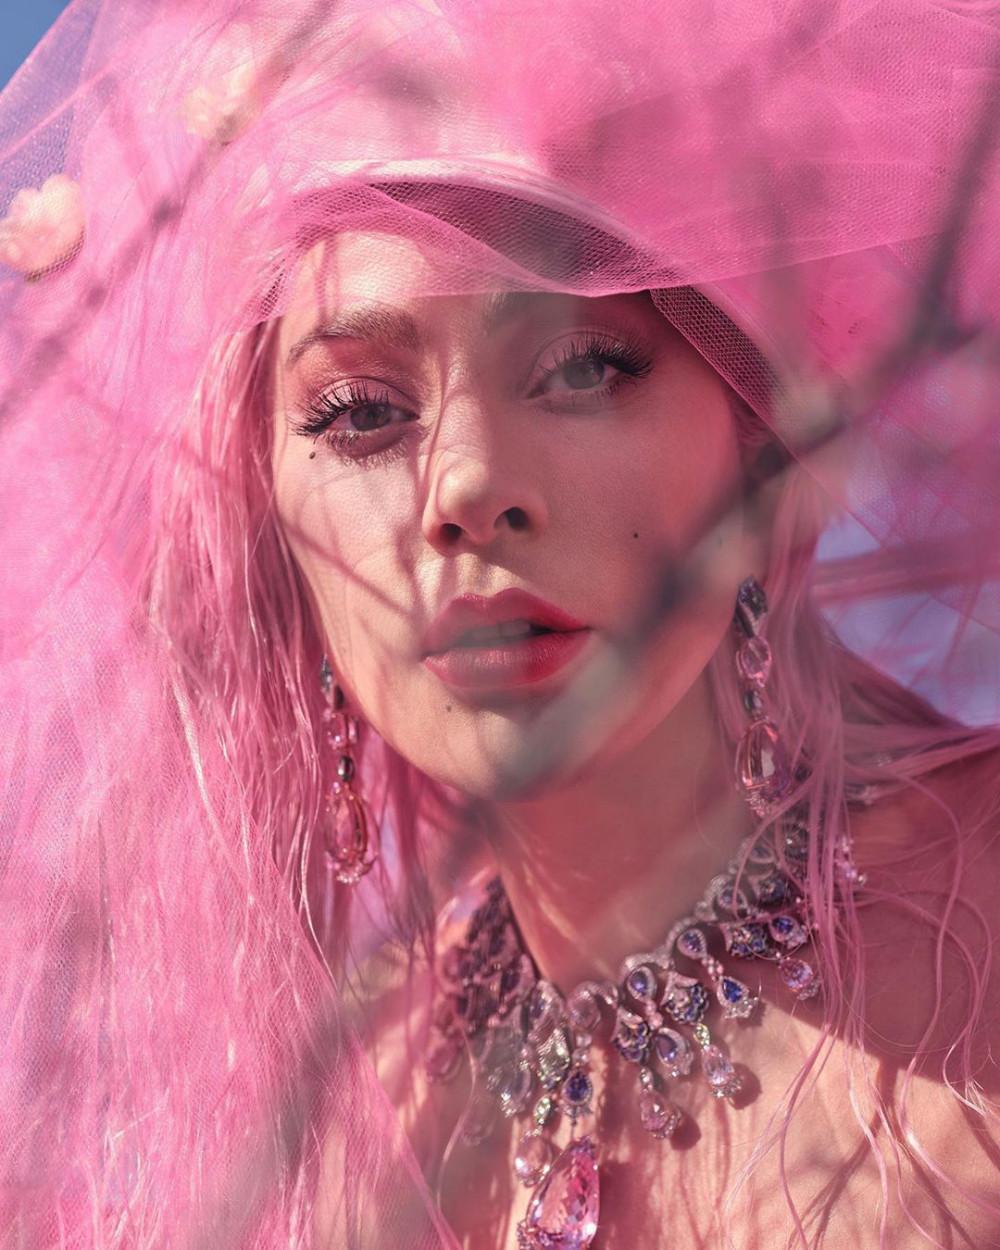 Trấn Thành gây tranh cãi khi mượn Lady Gaga để nói về Chi Pu, dự đoán nữ ca sĩ sẽ 'hát ballad cực đỉnh' Ảnh 2